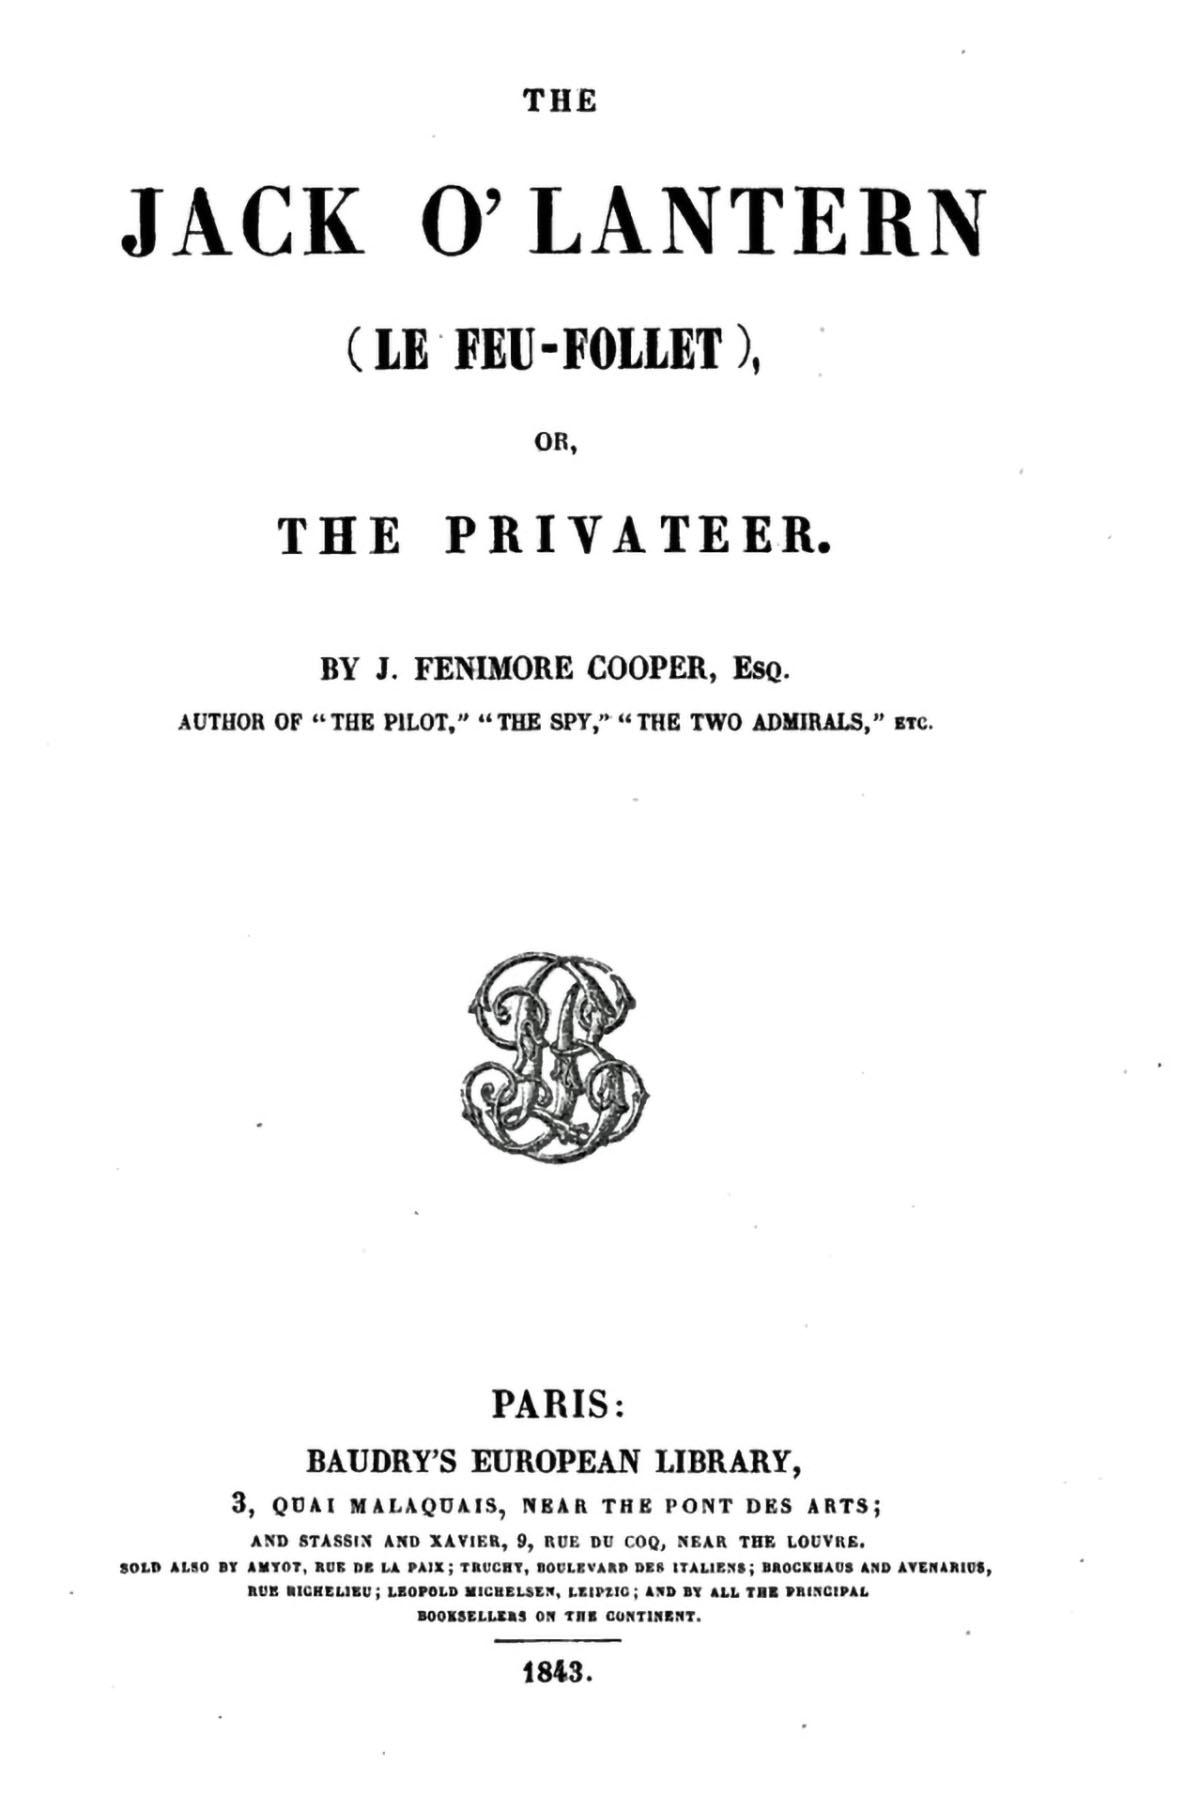 Jack 'O Lantern, Paris 1843